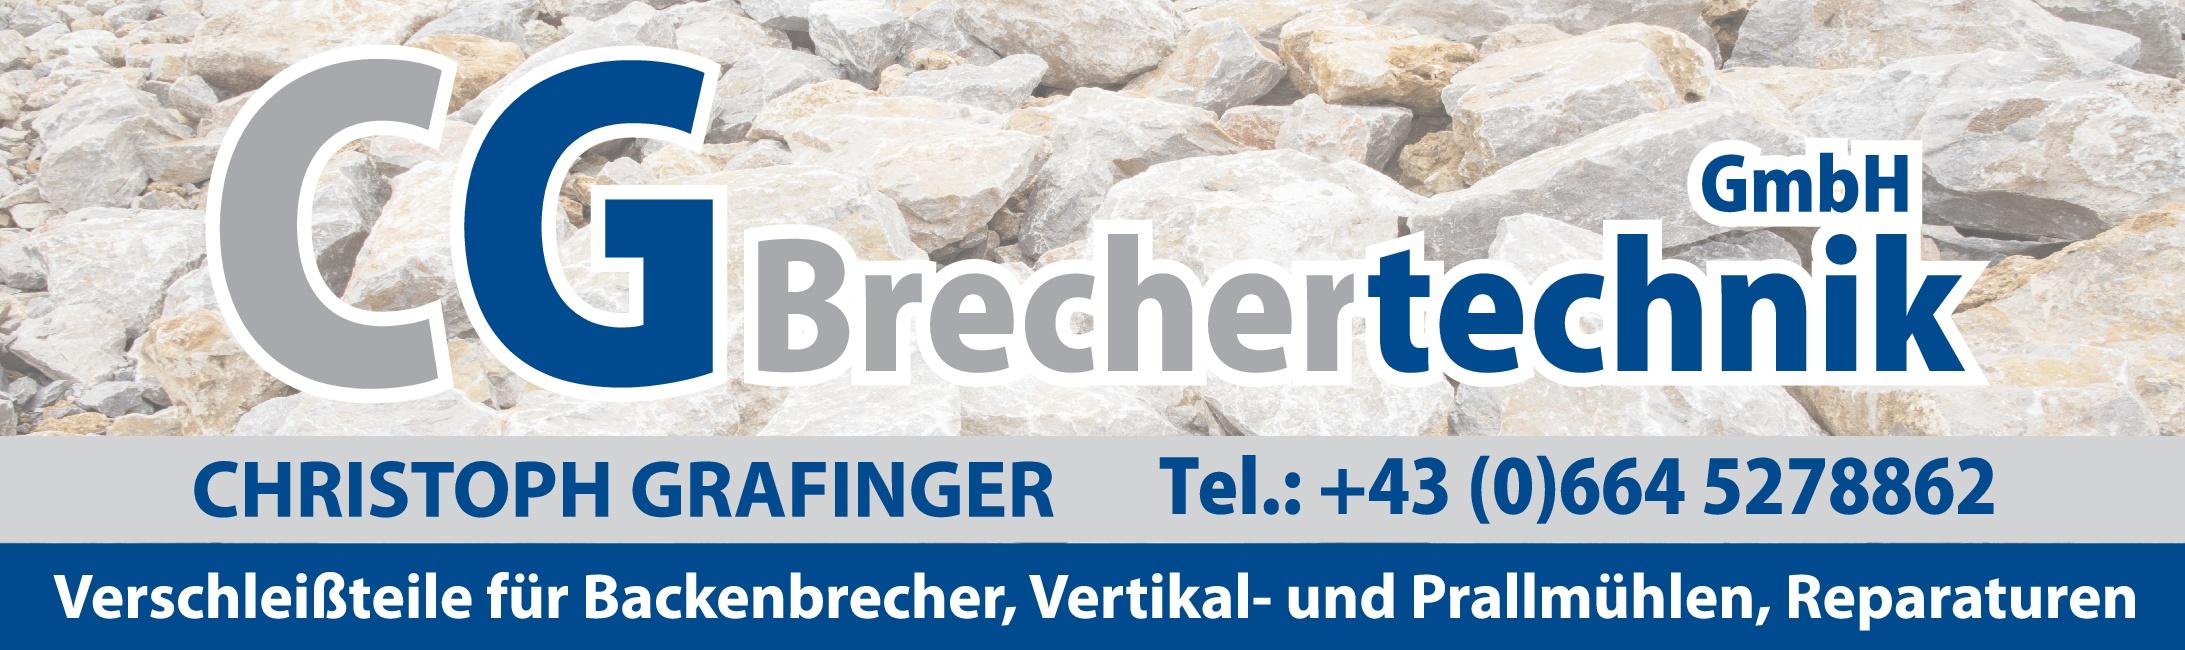 LOGO CG Brechertechnik